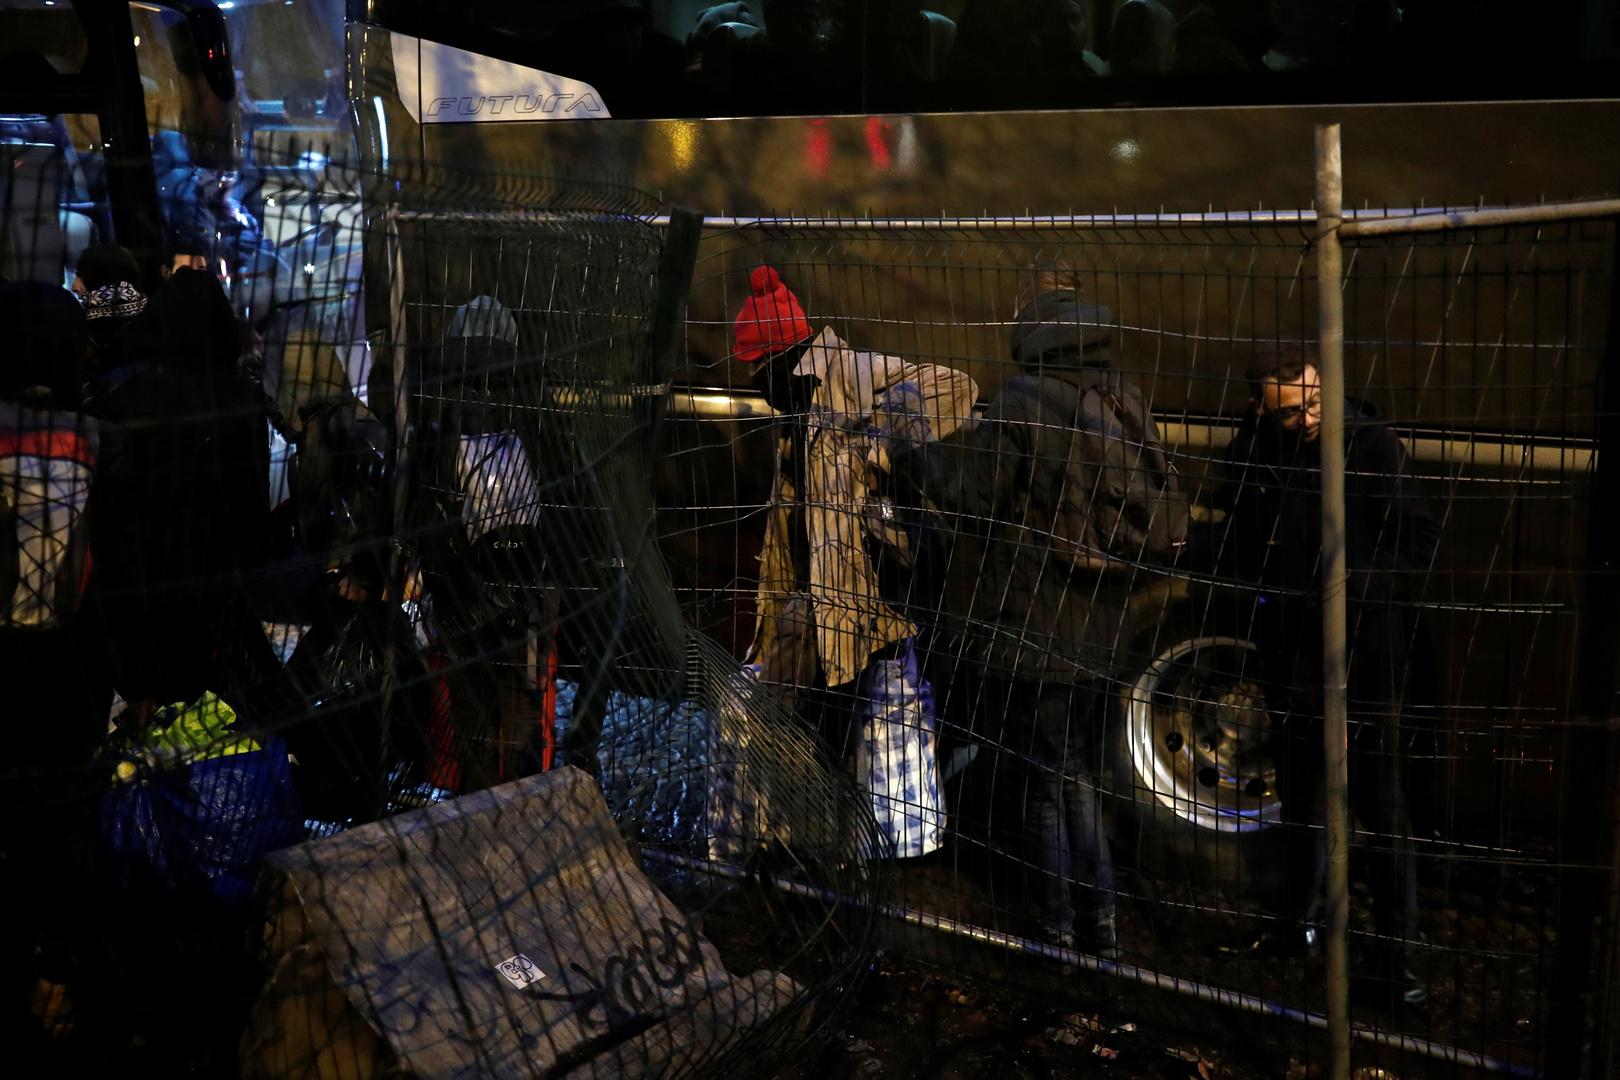 هيومن رايتس ووتش: مهاجرون يتعرضون لإذلال ومضايقات يومية في شمال فرنسا